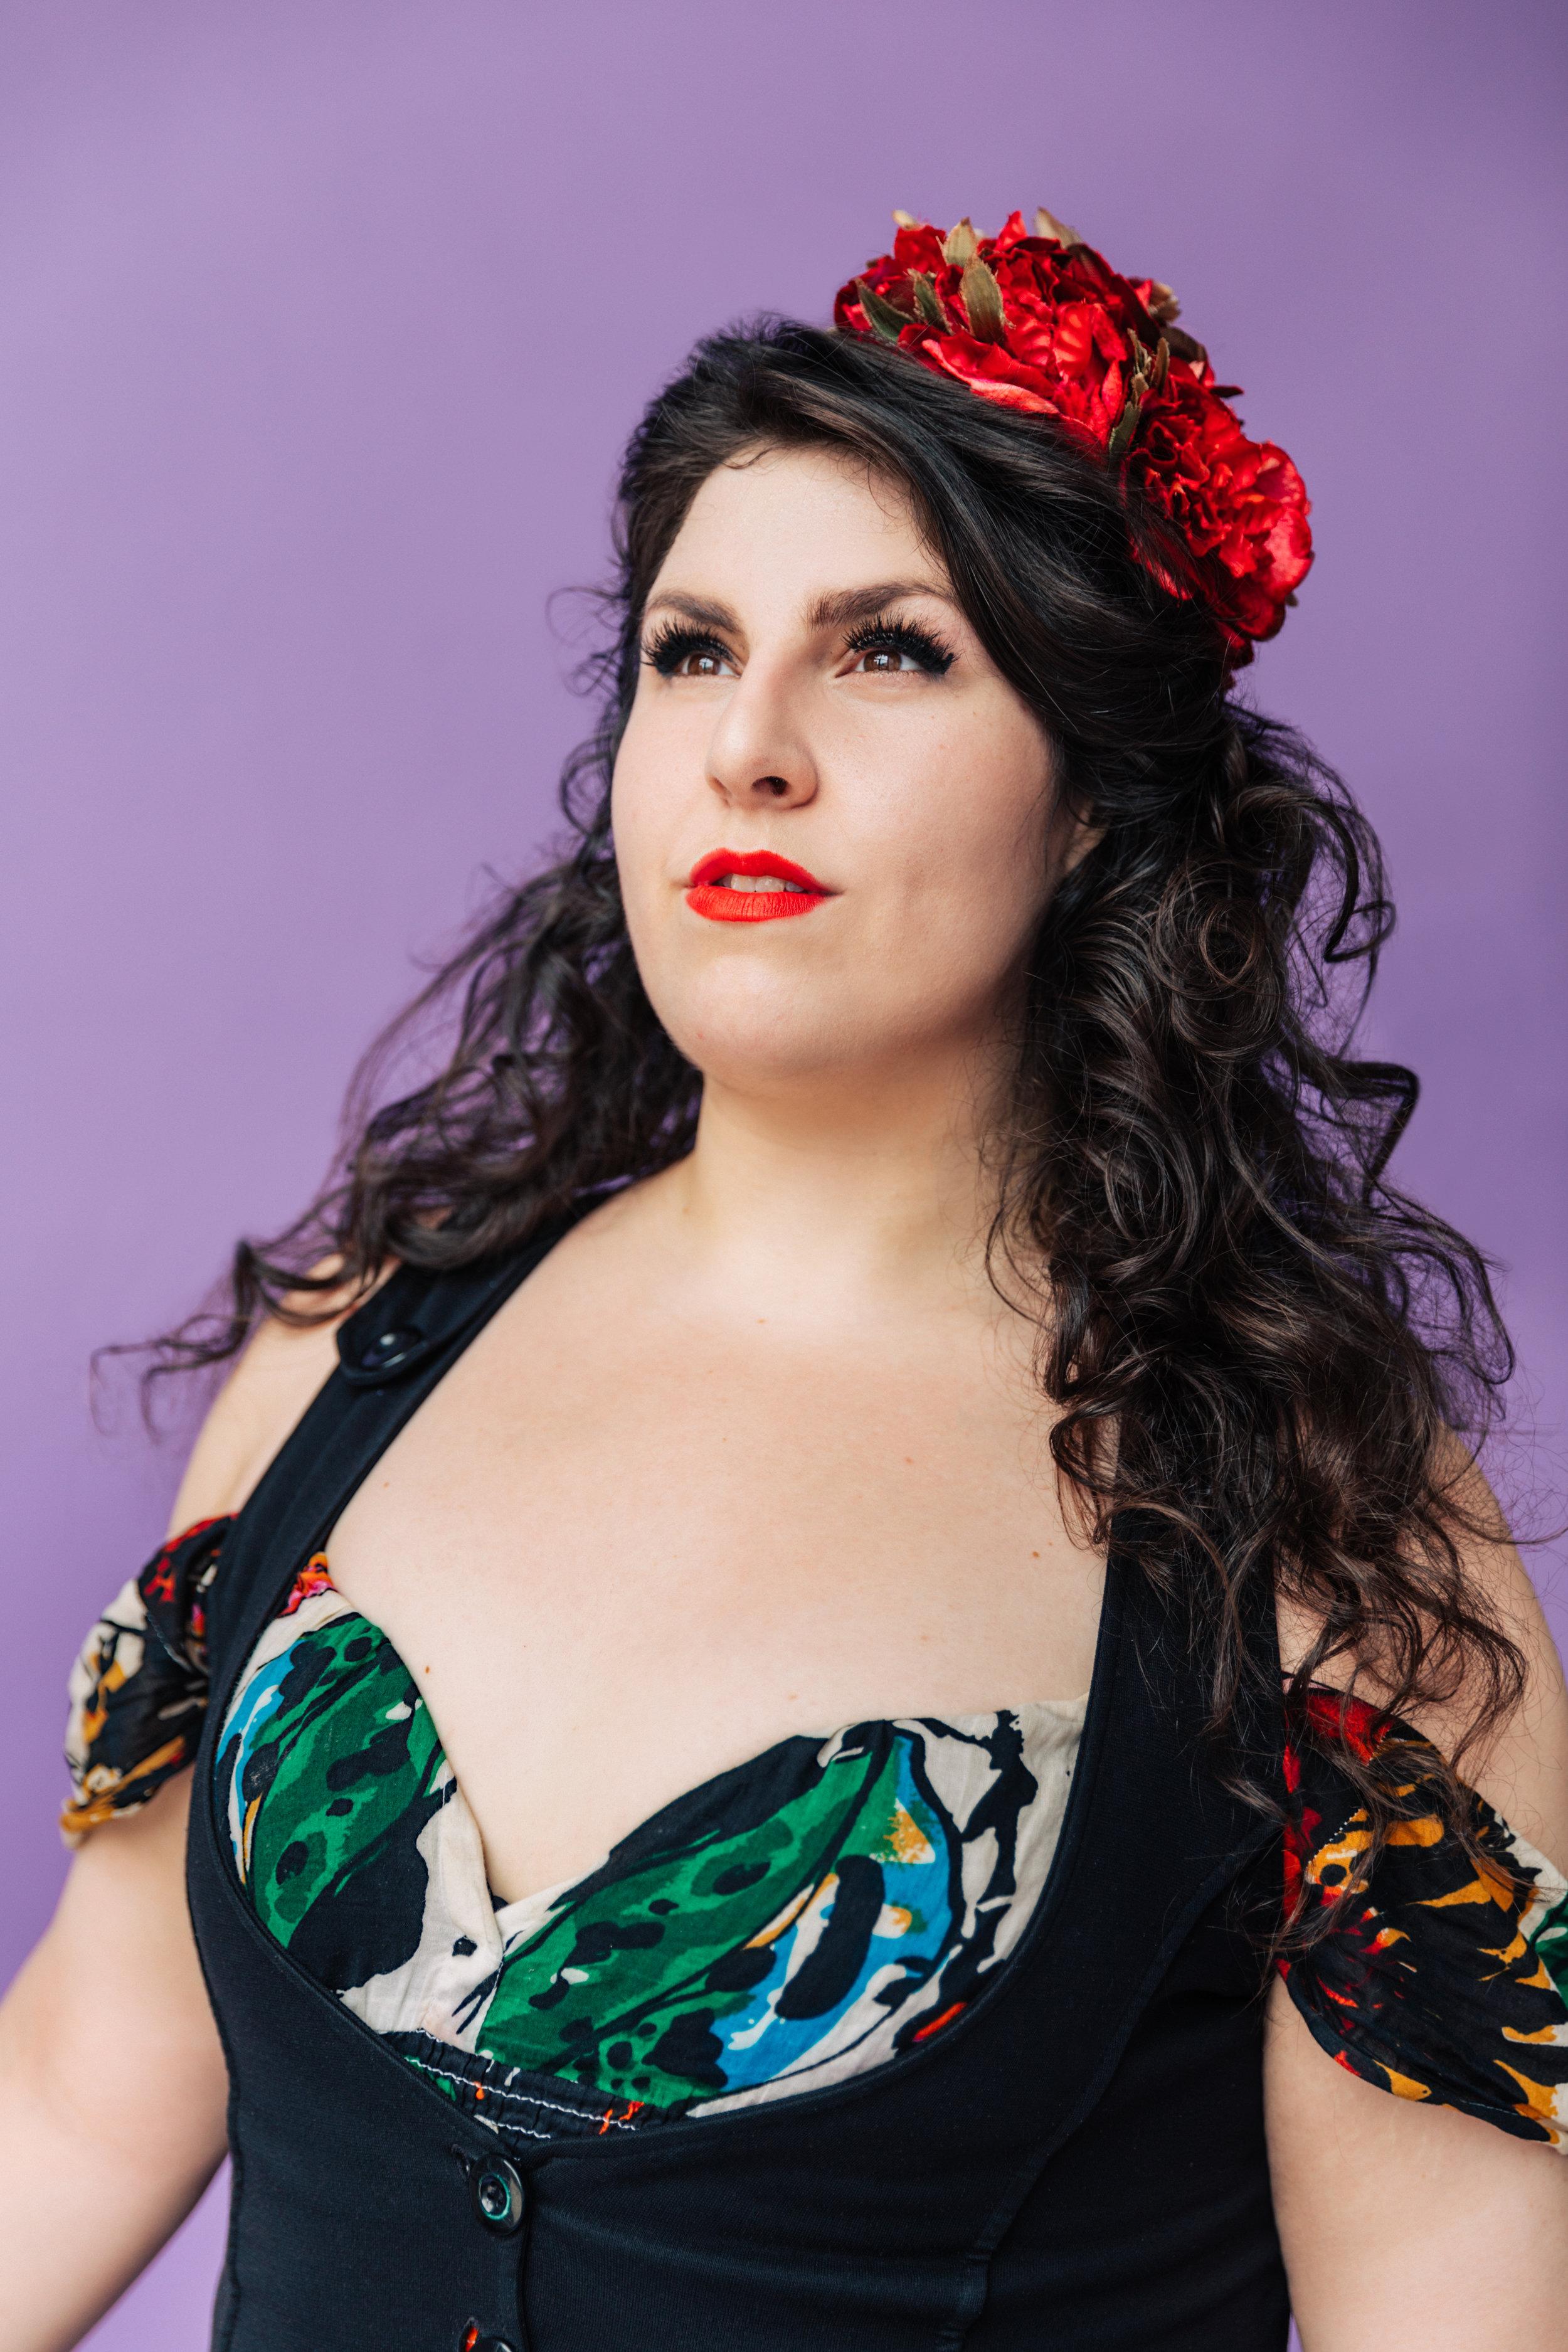 Florrie Bagel (Photo by Corinne Louie)